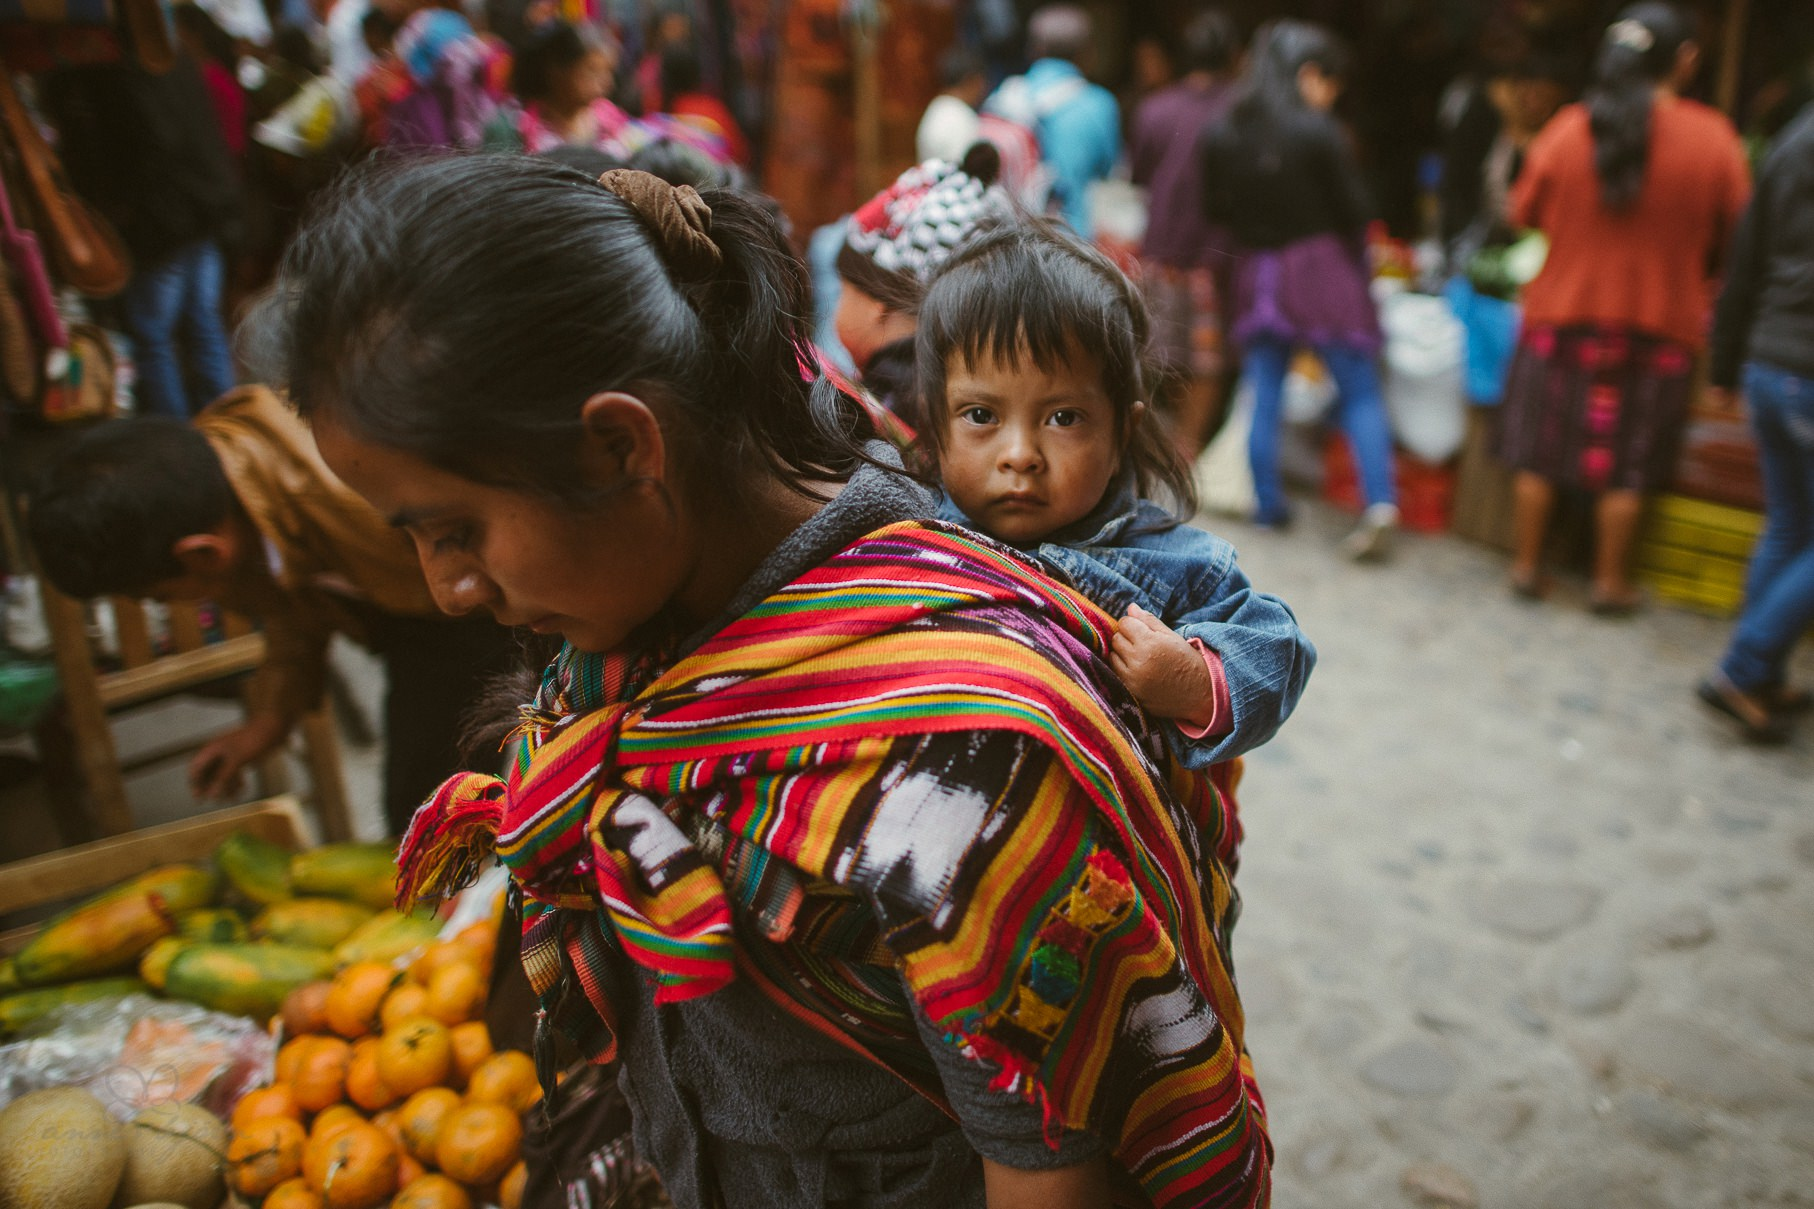 0143 anne und bjoern guatemala d75 2658 - 4 Wochen durch Guatemala - backpacking durch Mittelamerika